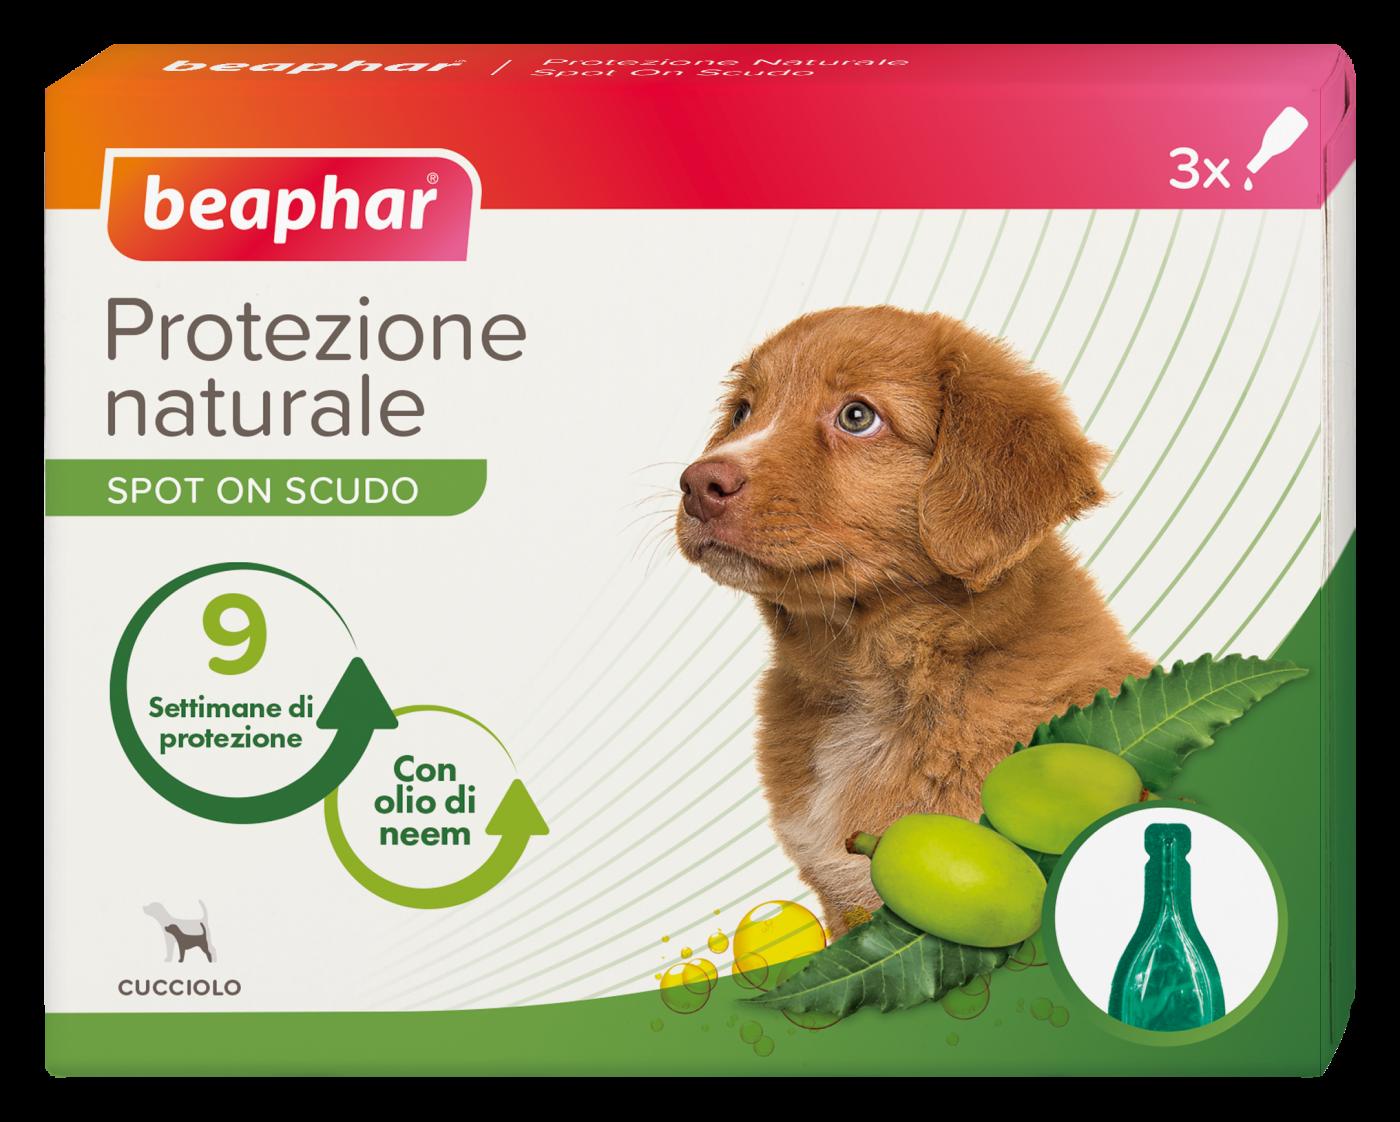 Beaphar Protezione Naturale Spot On Cucciolo 3 Fialette